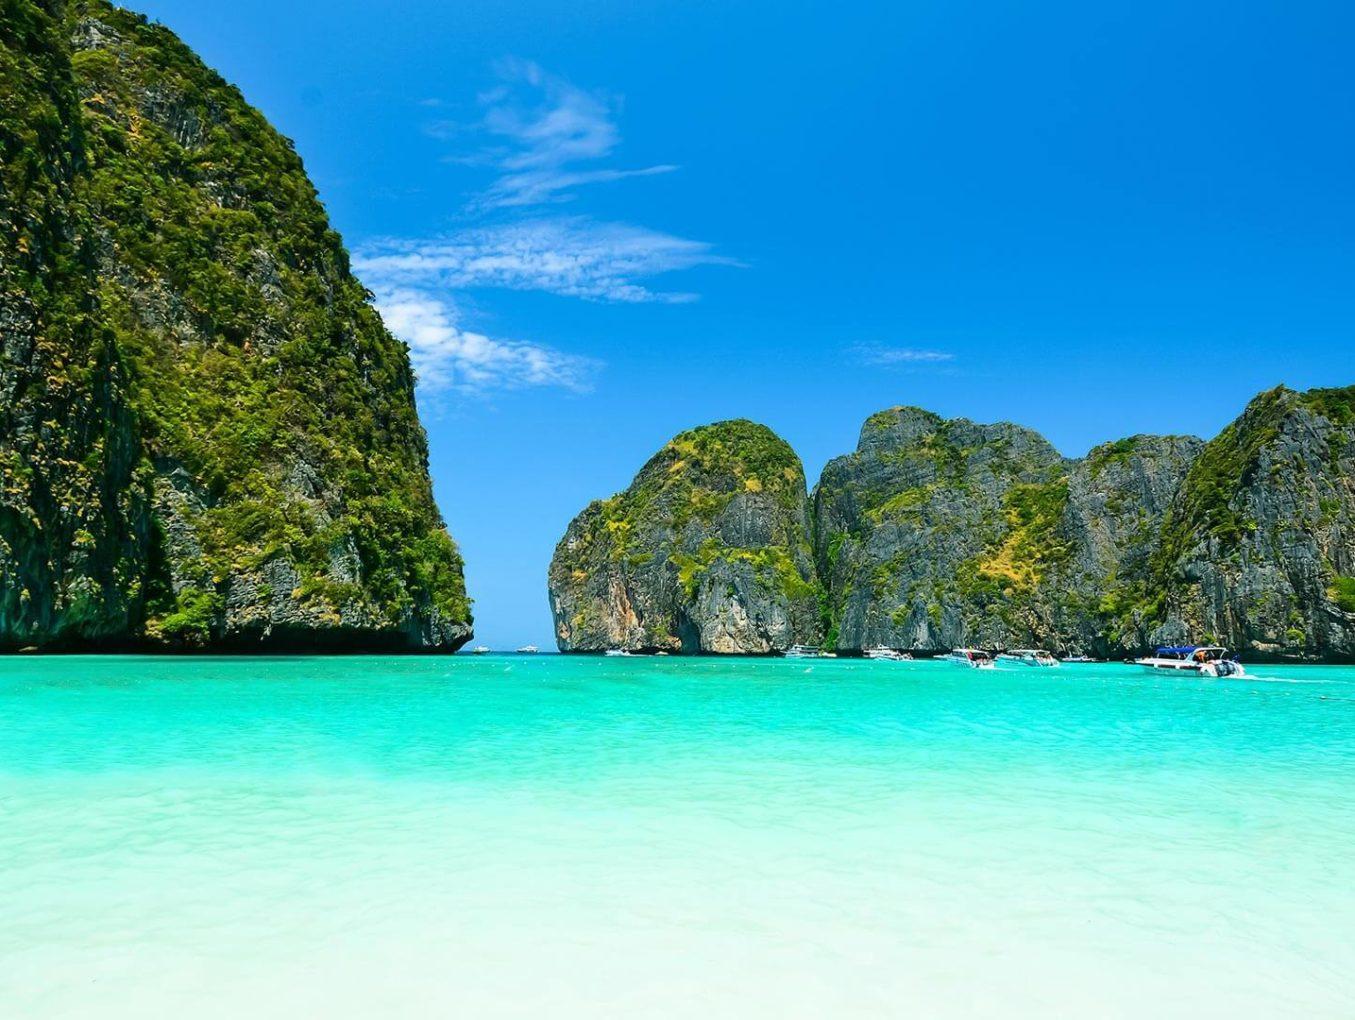 Известный по фильму с ДиКаприо пляж по-прежнему закрыт для туристов